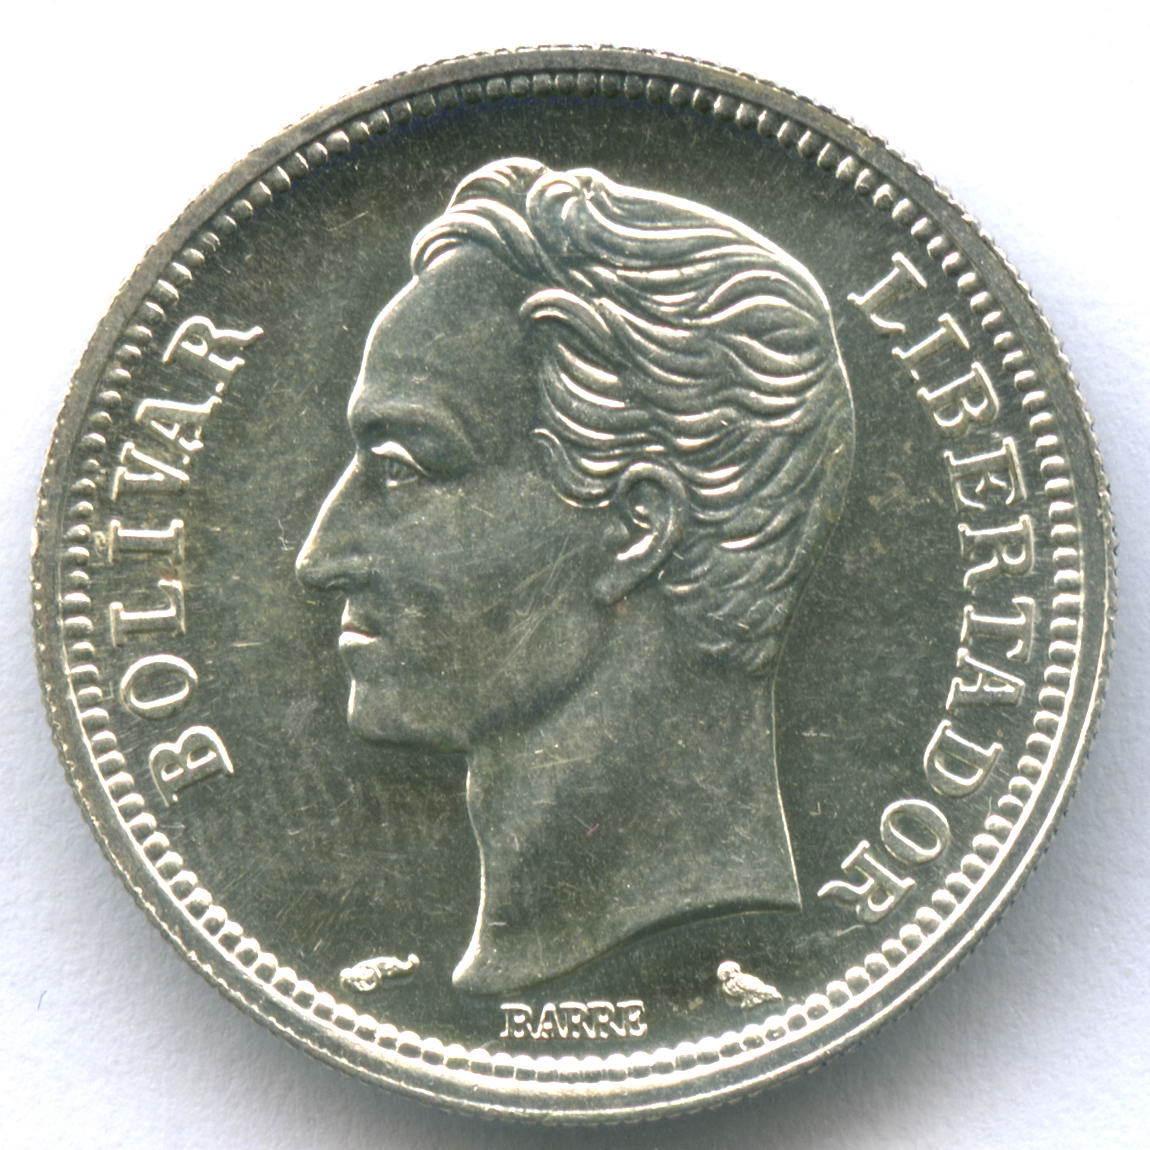 1 боливар 1965 г. Венесуэла XF-AU Серебро